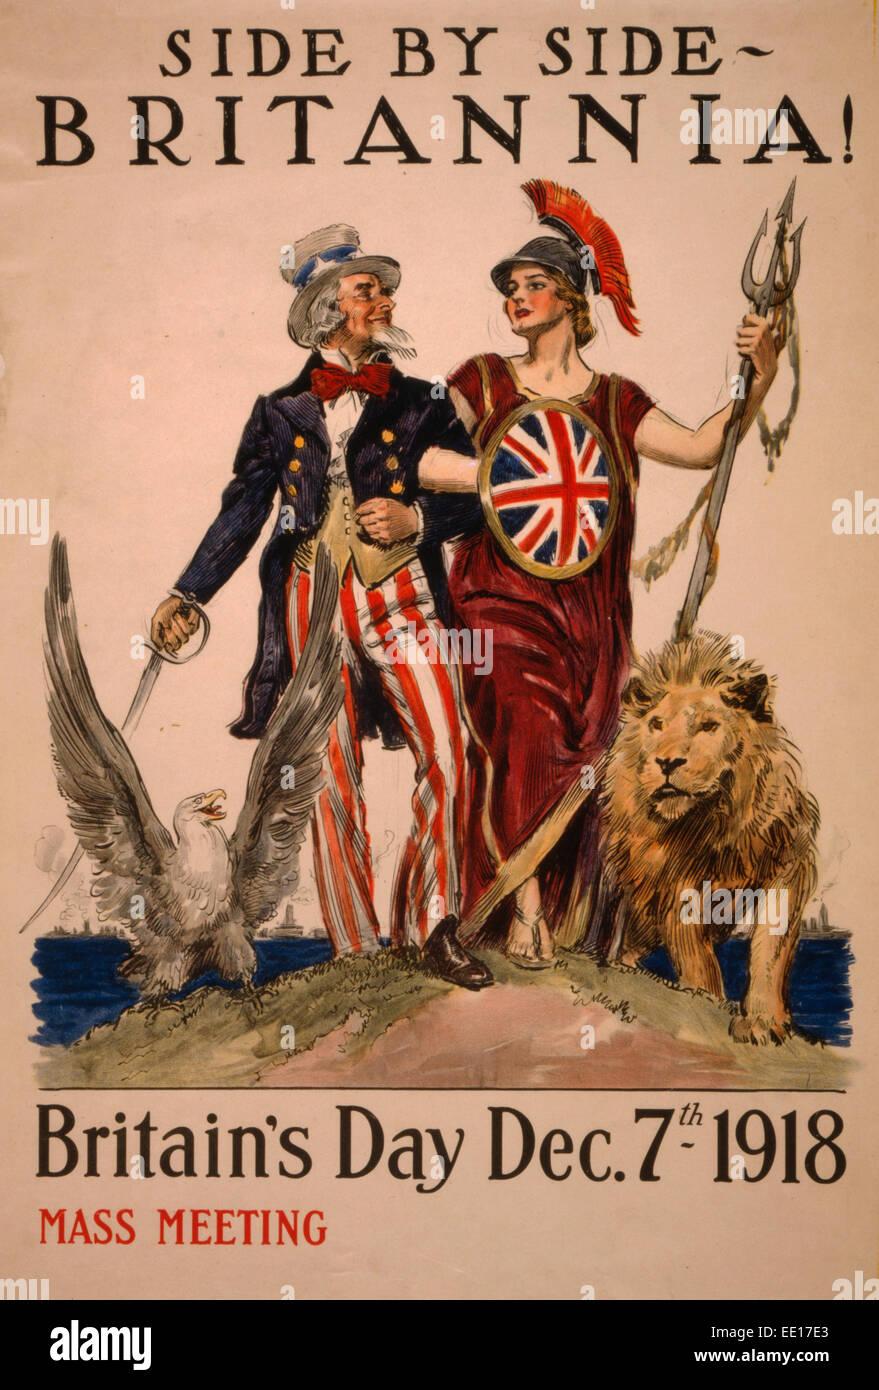 Fianco a fianco - Britannia! Gran Bretagna il giorno 7 Dicembre 1918 - Poster lo zio Sam a braccetto con Britannia, Immagini Stock